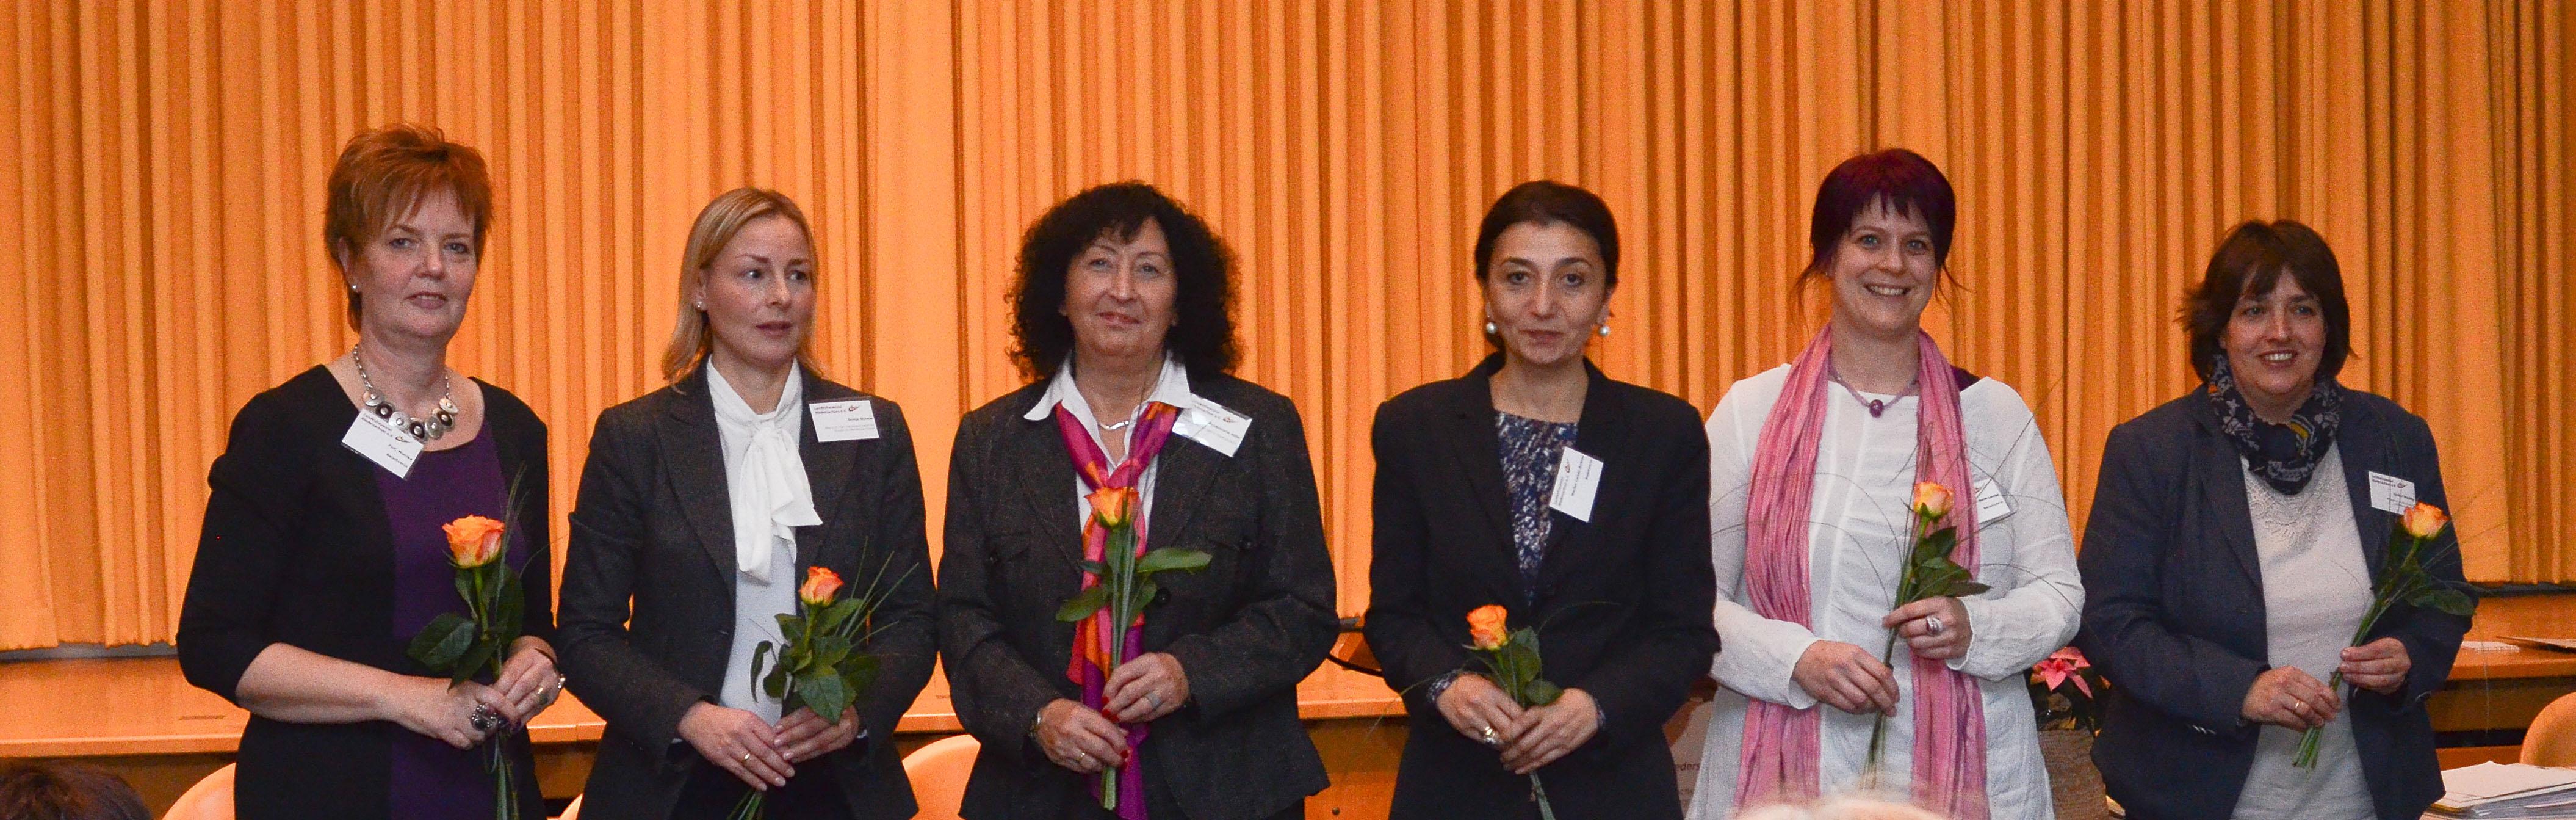 Kandidatinnen Vorstandswahl Landesfrauenrat_15Nov2014